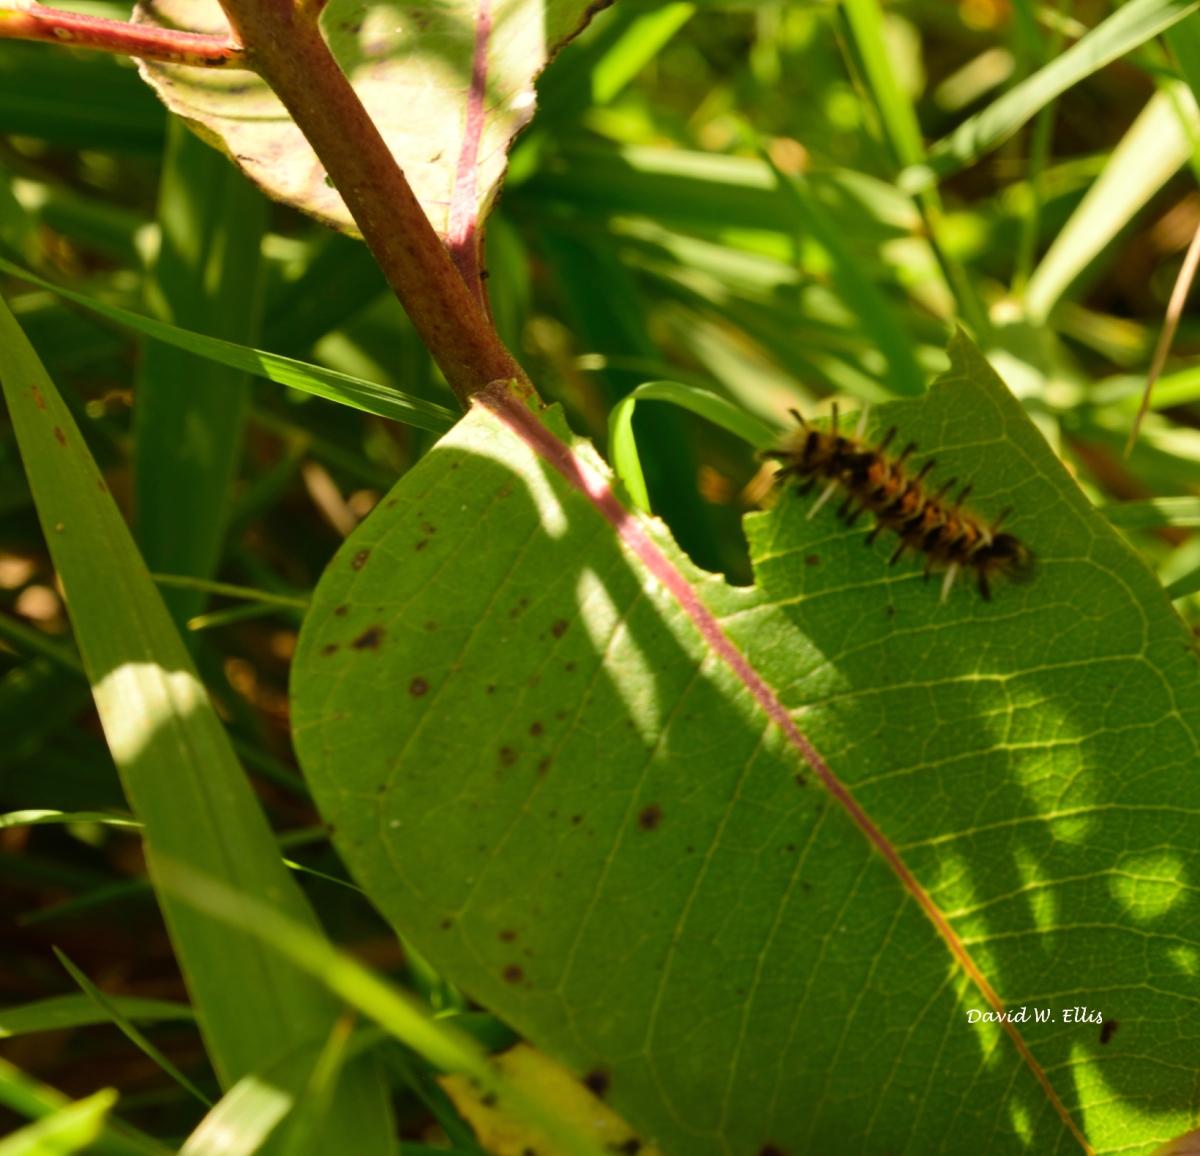 Toxic Caterpillar a SilentWitness